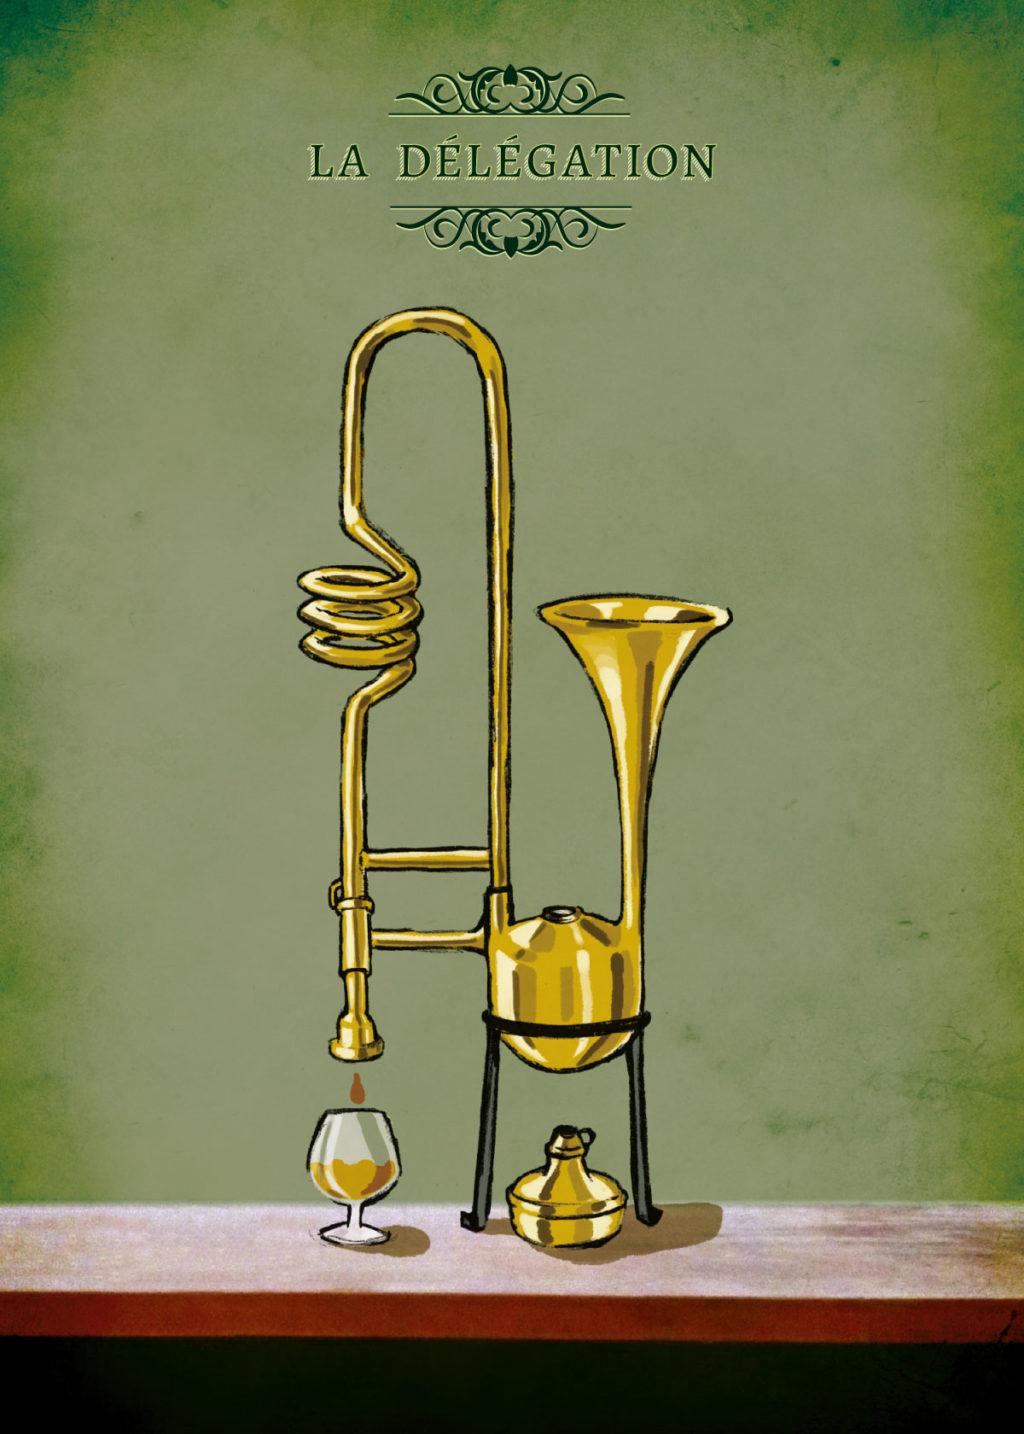 Illustration pour le groupe la Délégation